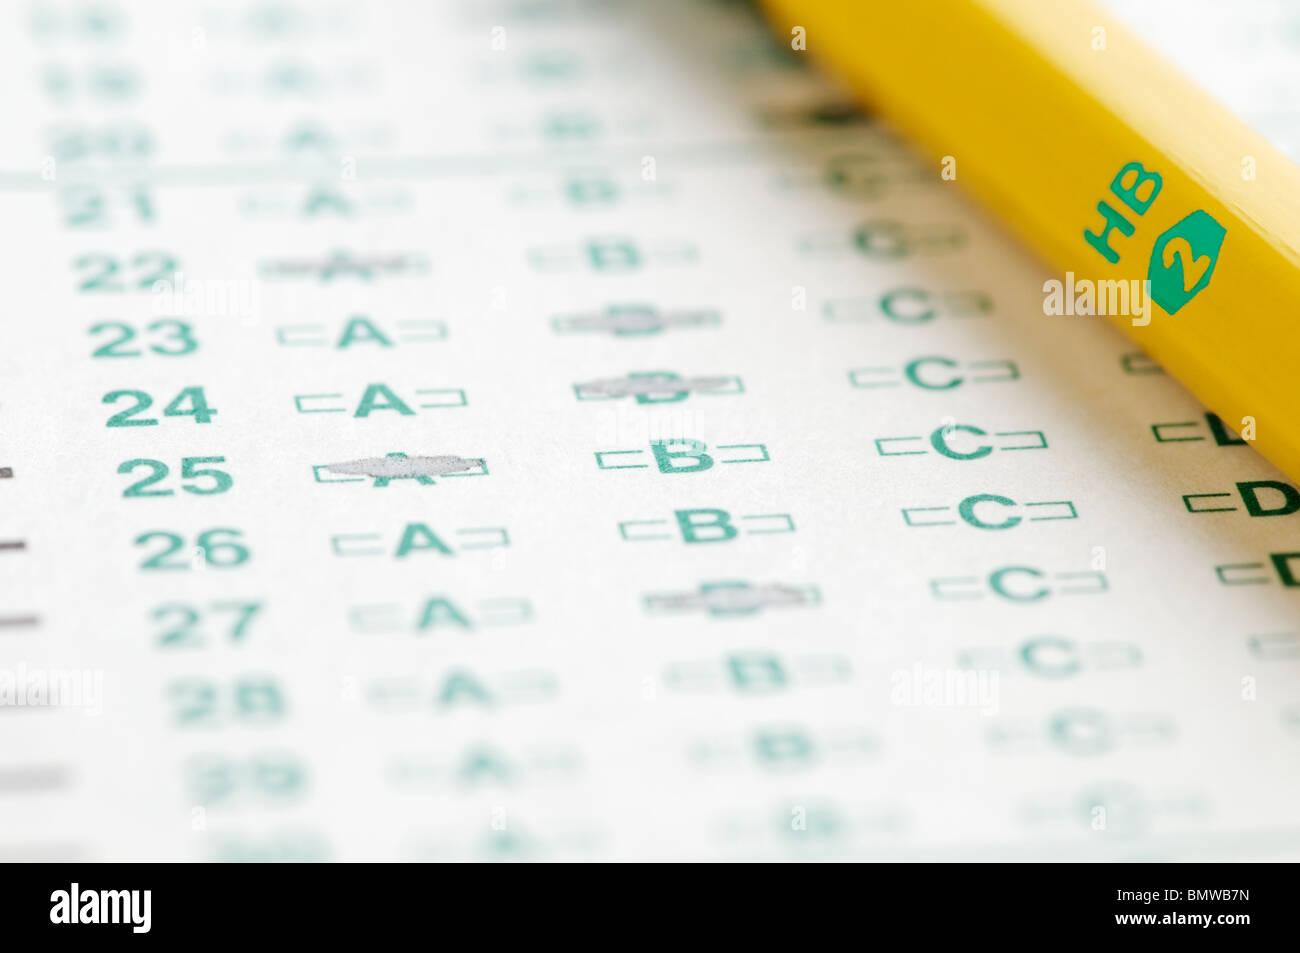 Scansione ottica foglio di risposta con #2 matita che rappresenta l'istruzione test. Foto Stock